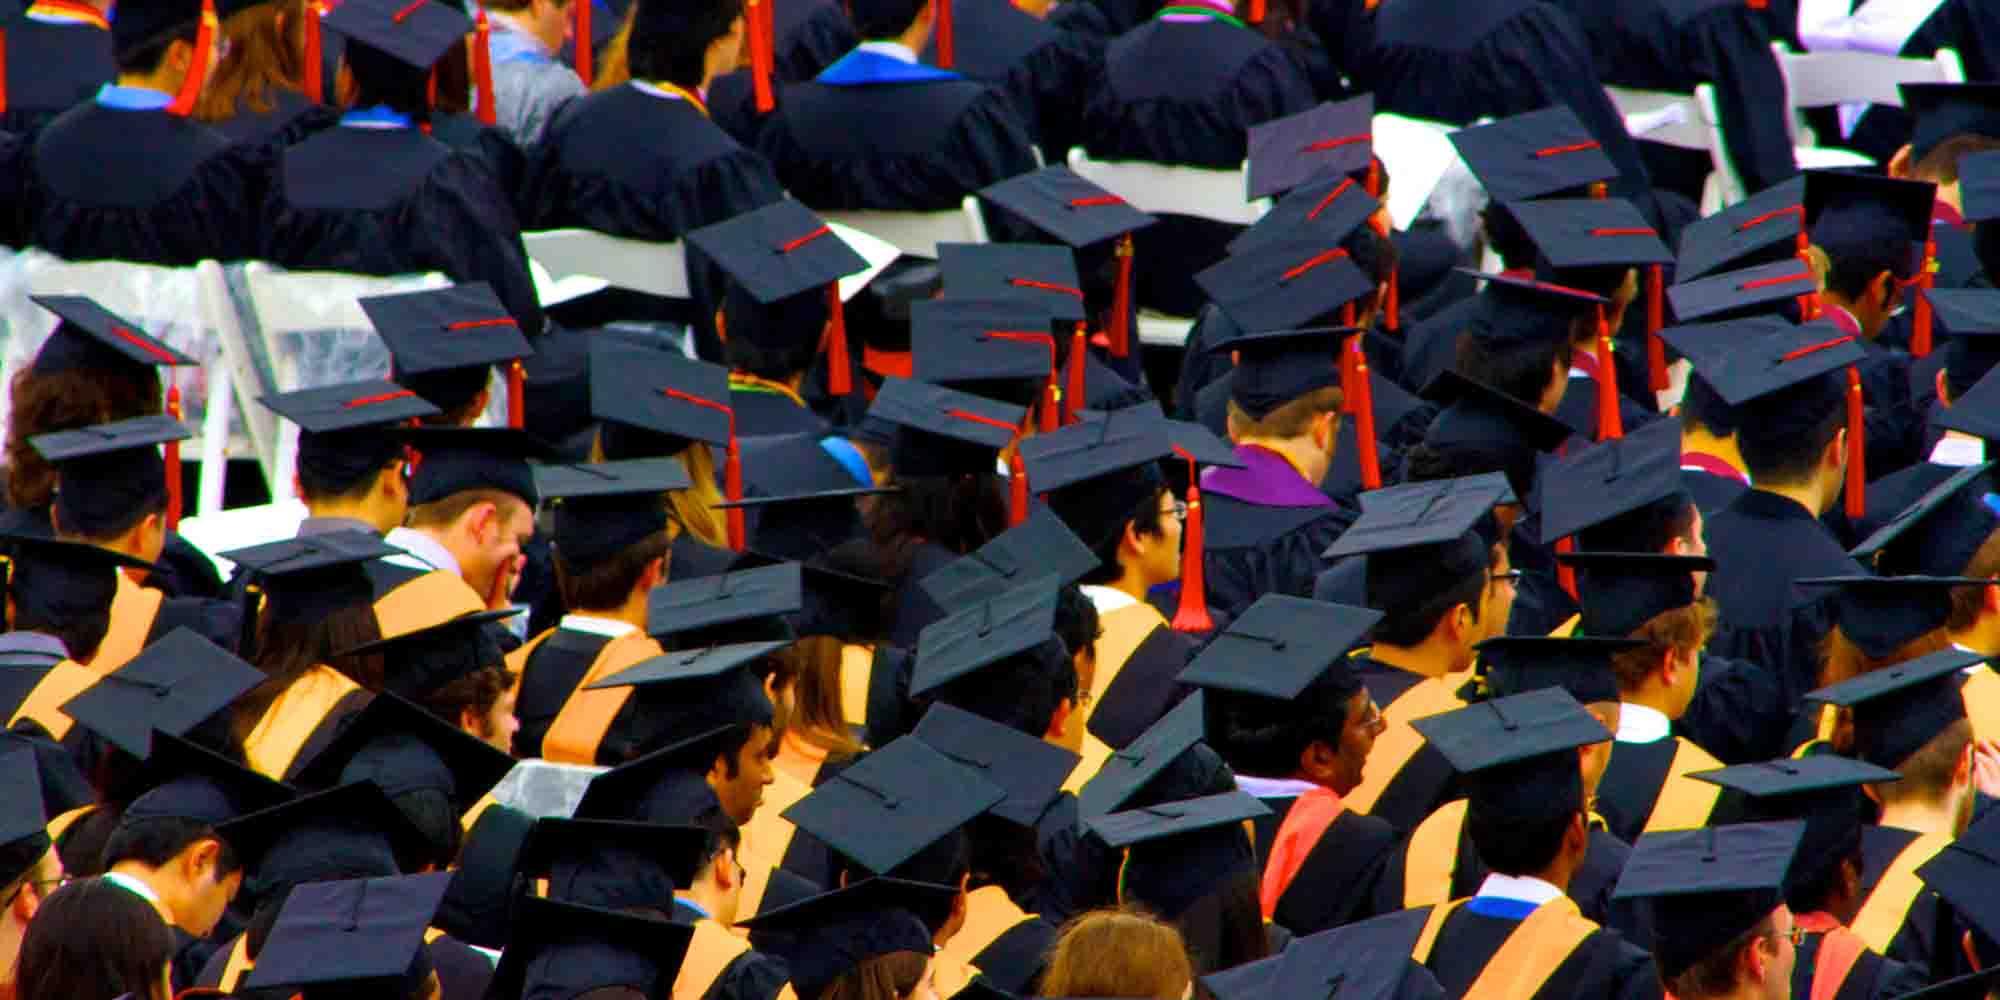 Graduation-Caps-Shcool-Human